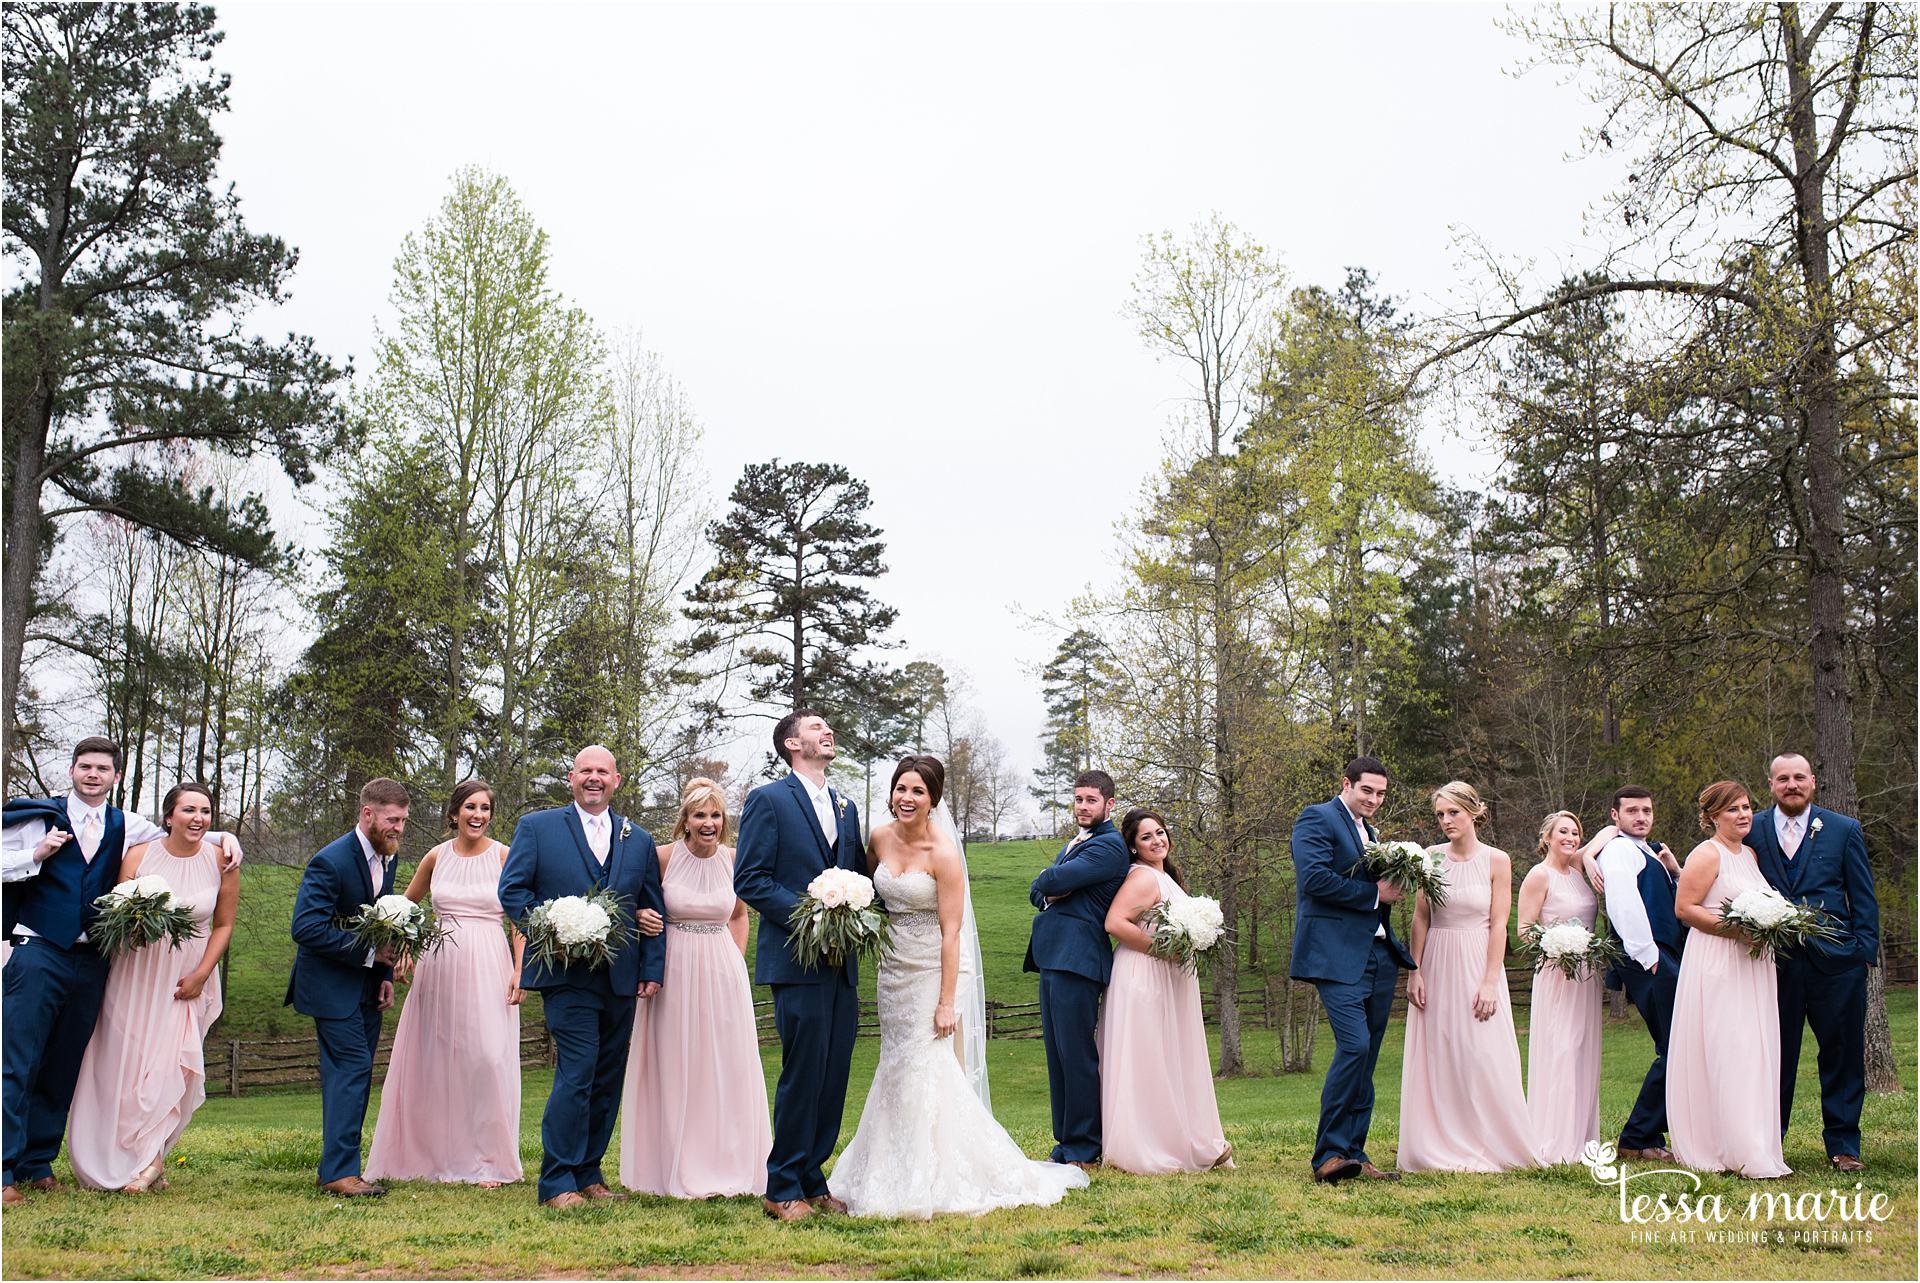 032216_brittany_kevin_wedding-100